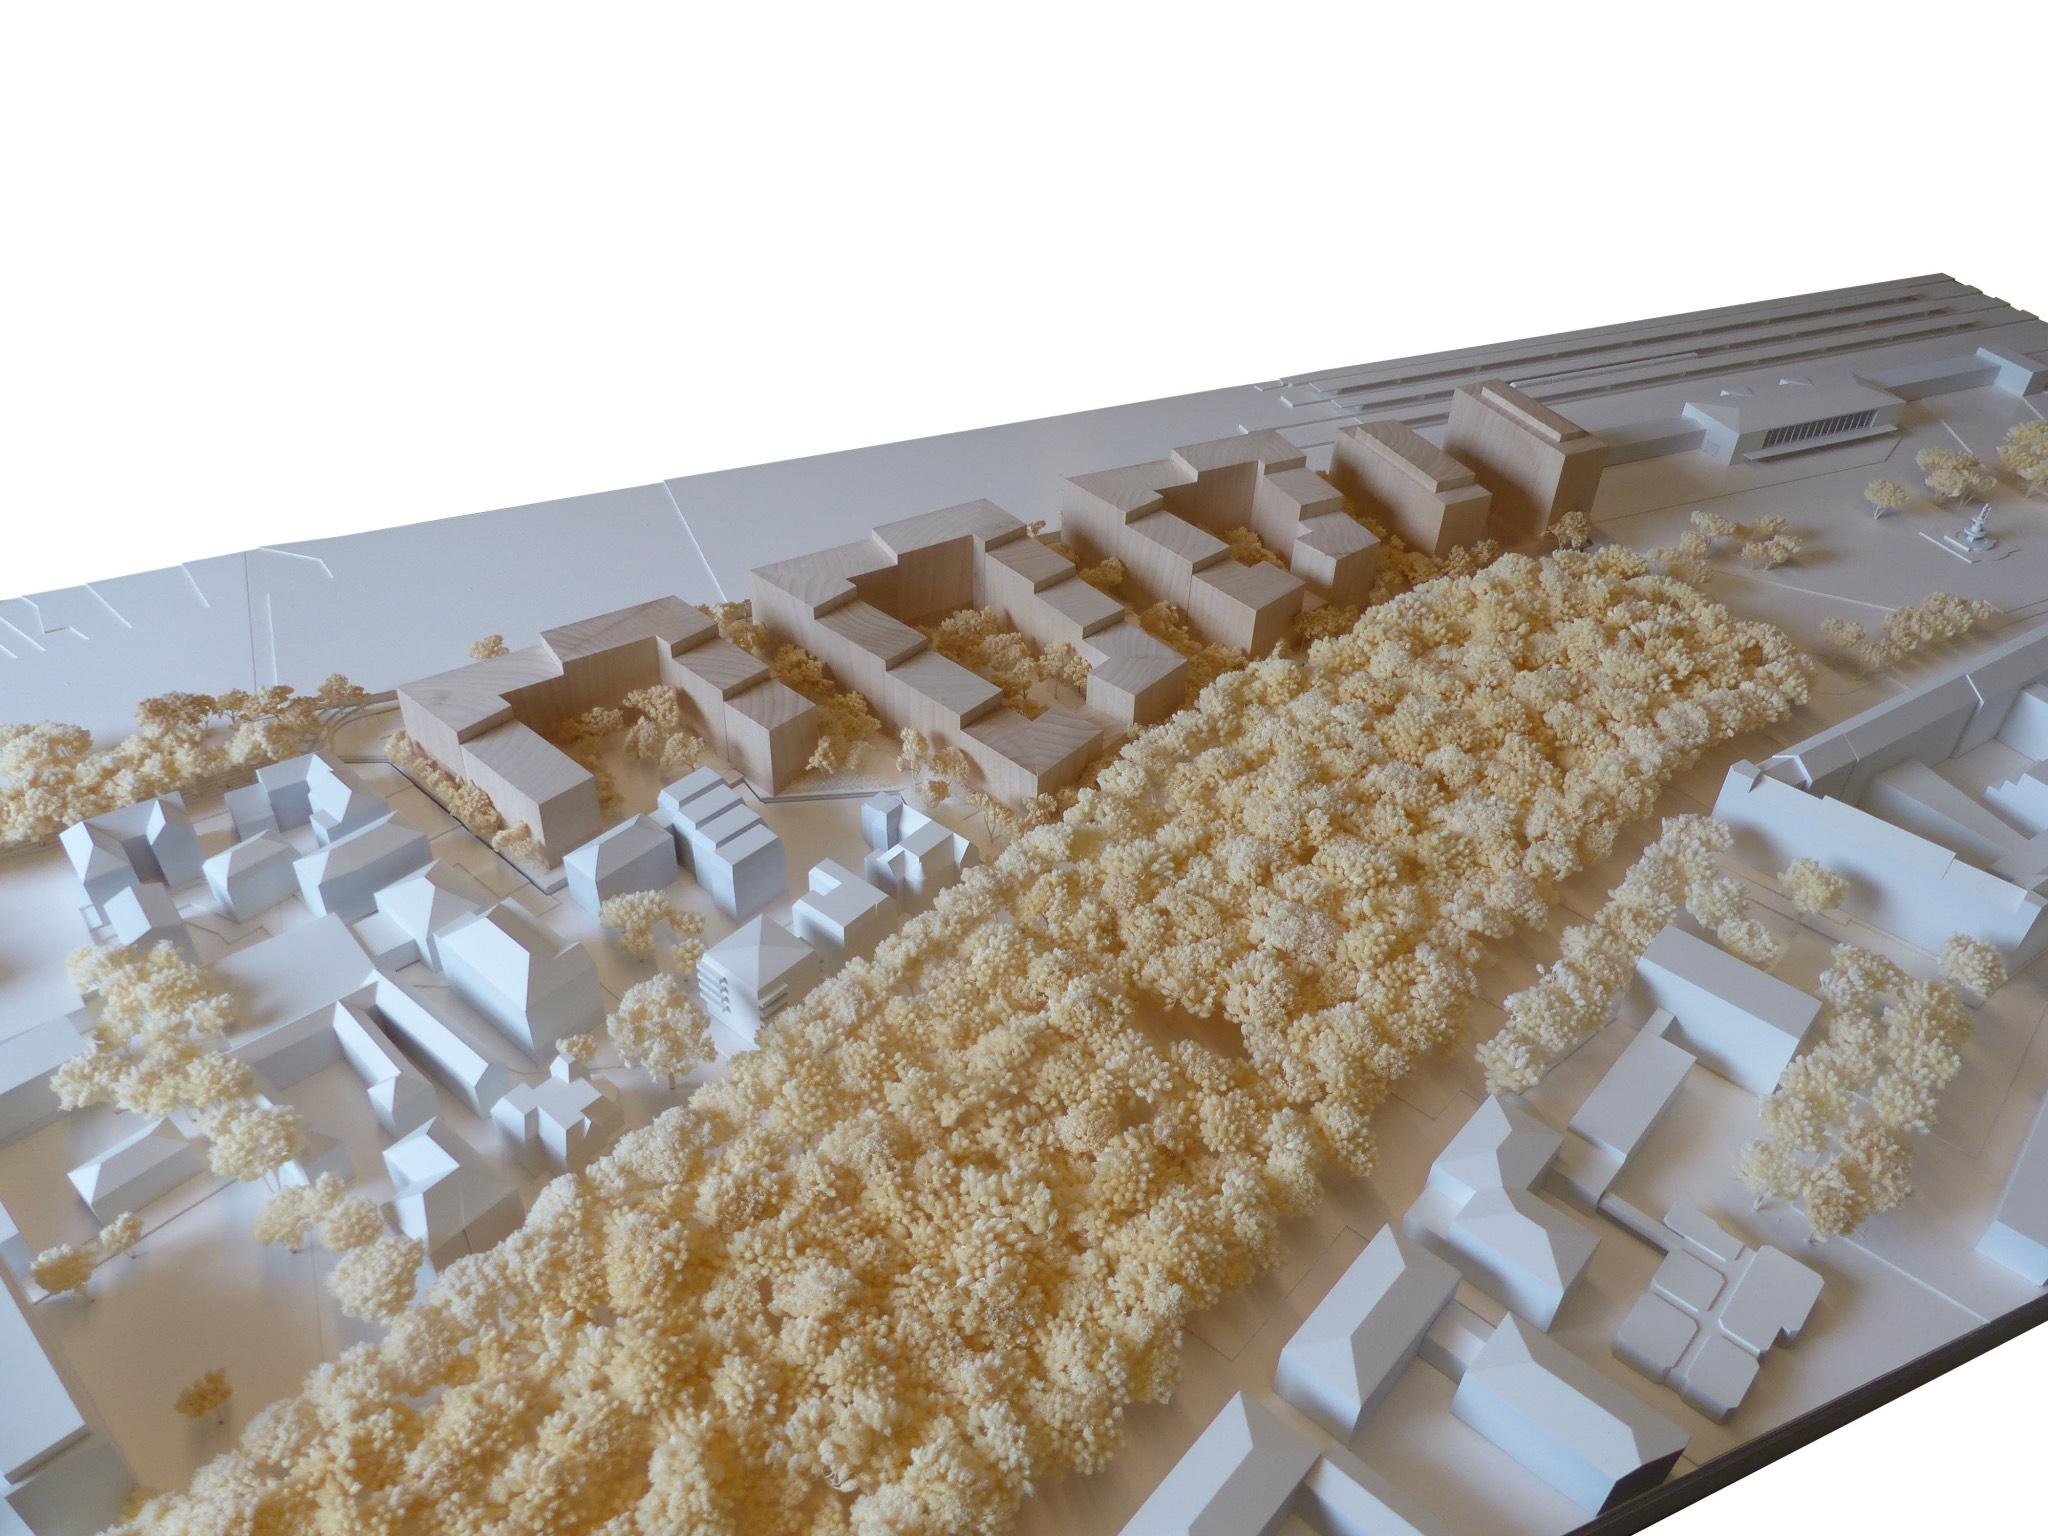 Modell zum Bismarckquartier von Rapp & Rapp. Modellfoto: Rapp & Rapp